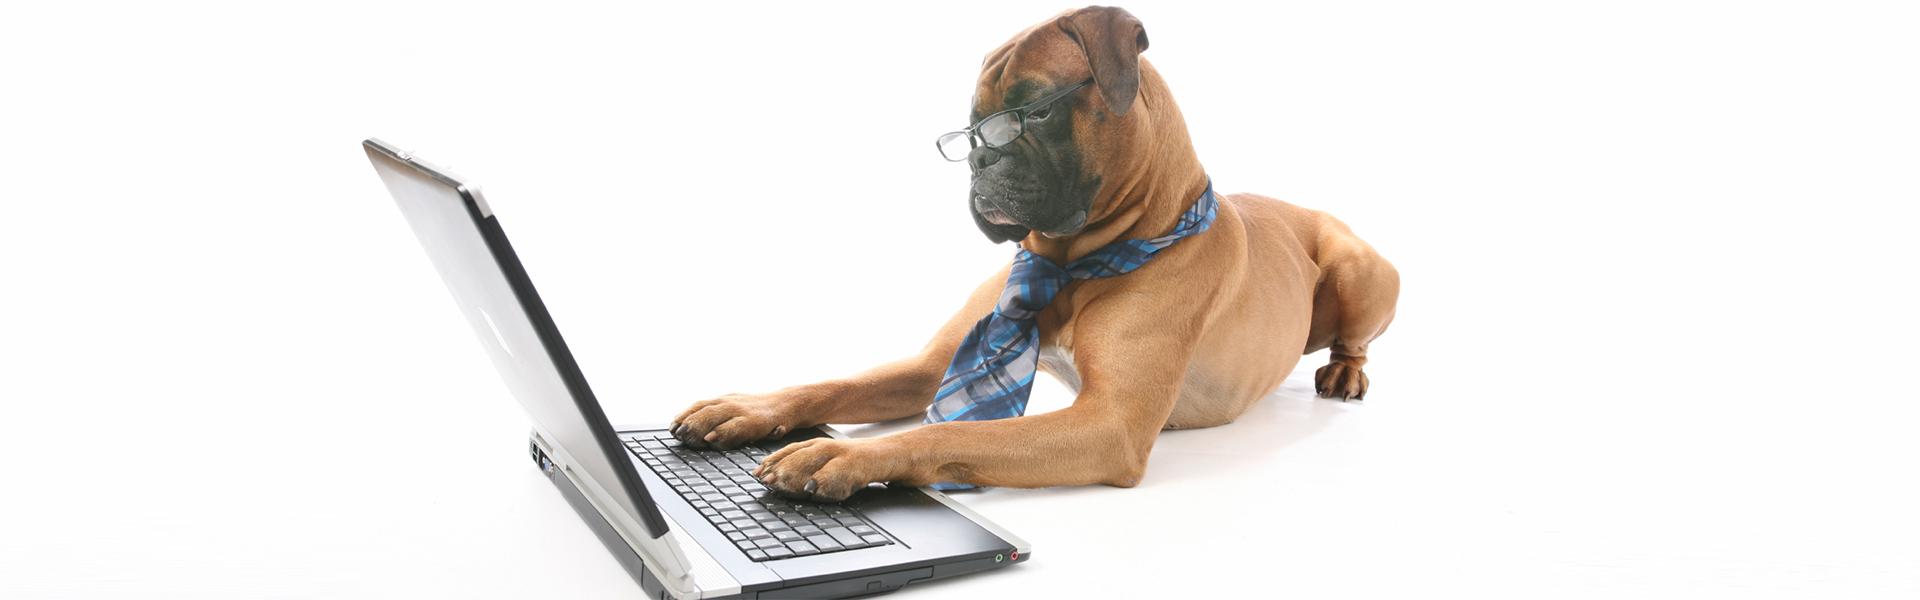 cane con computer